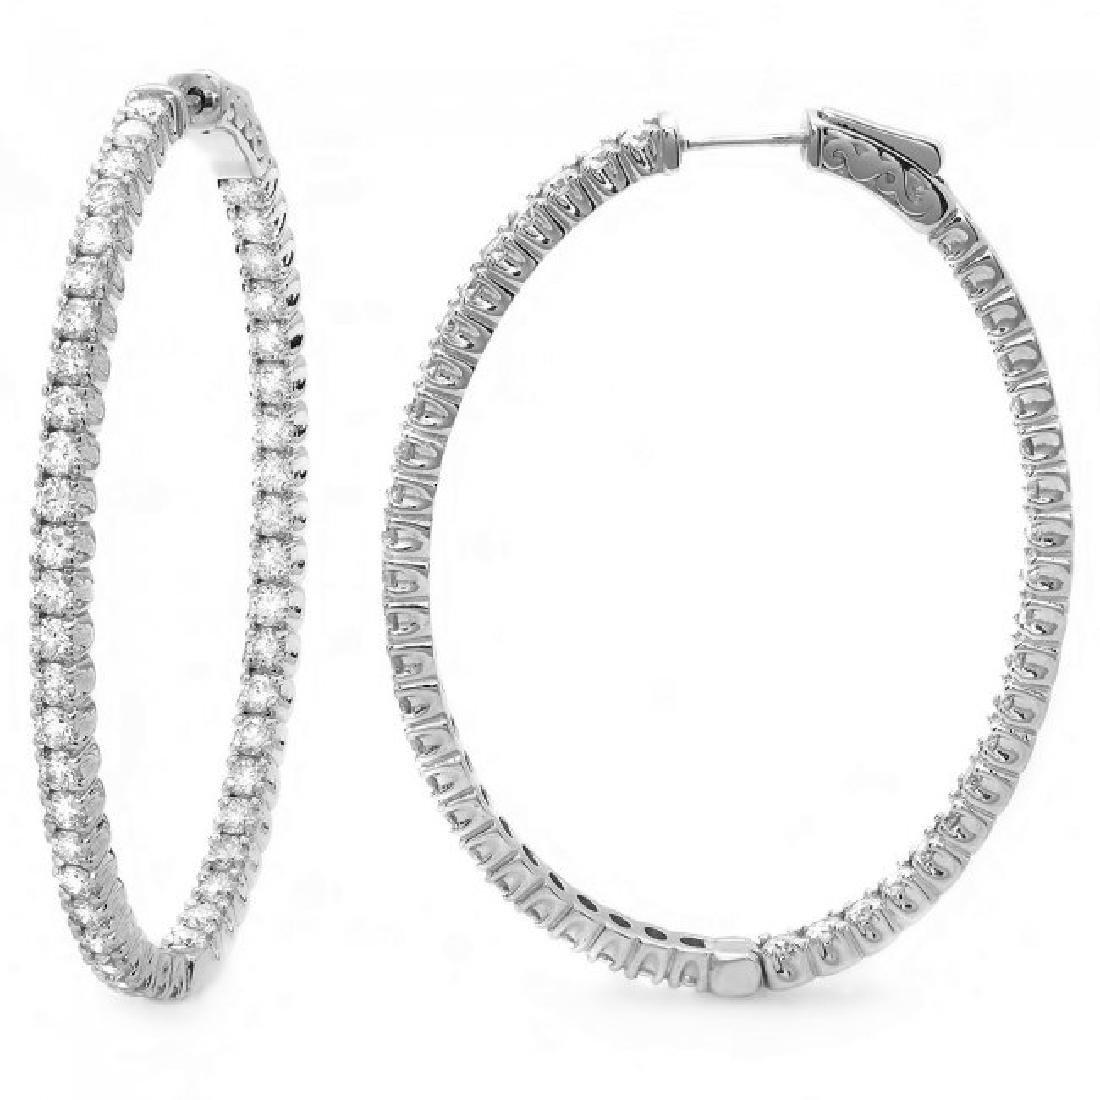 14k White Gold 5.20ct Diamond Earrings - 3